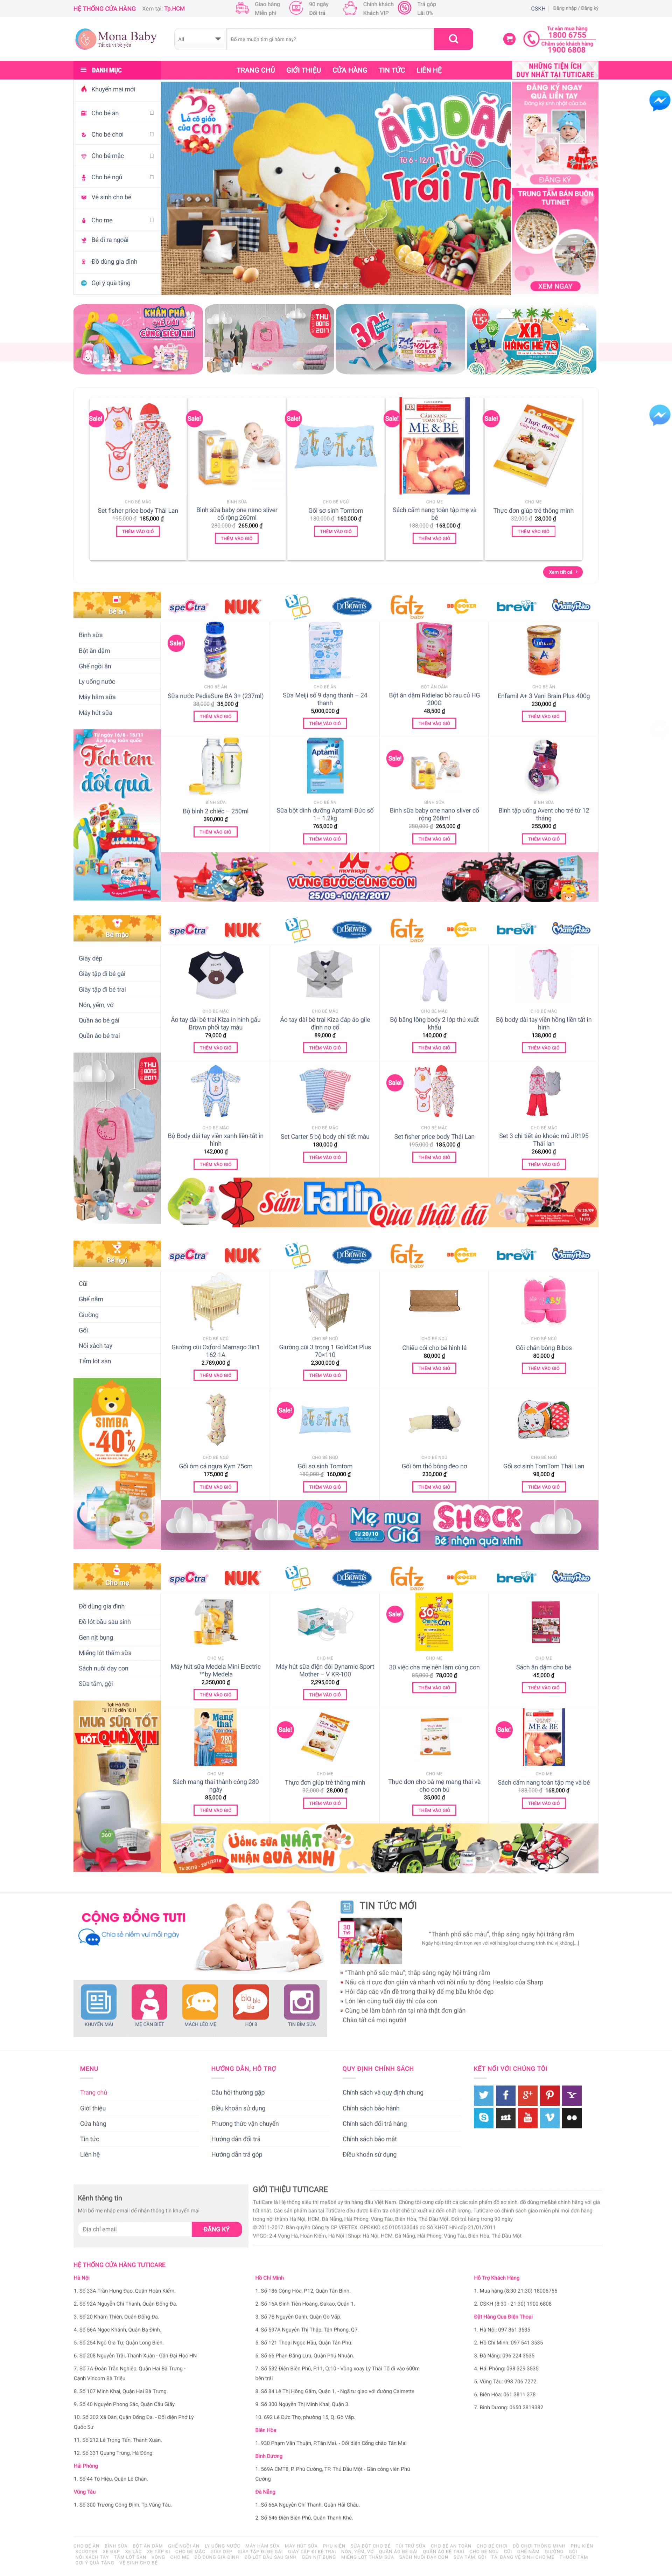 Mẫu website bán hàng mẹ và bé giống Tuticare